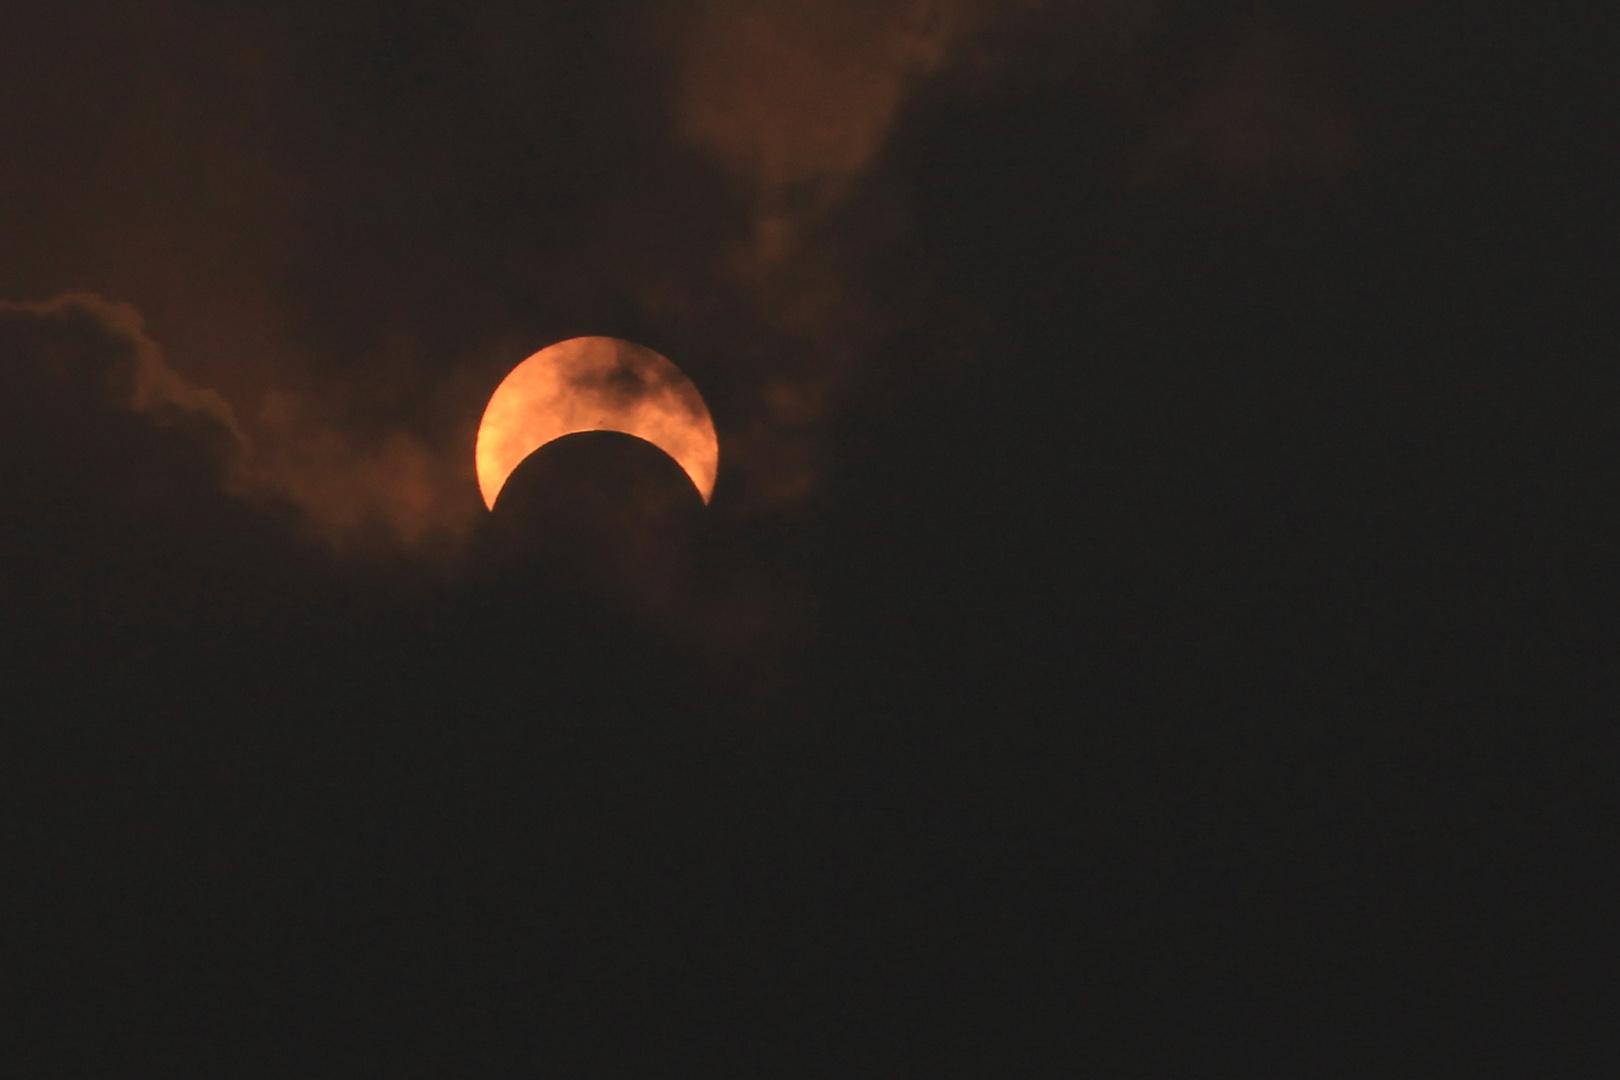 Eclipse 21-5-2012 - Tianjin, China